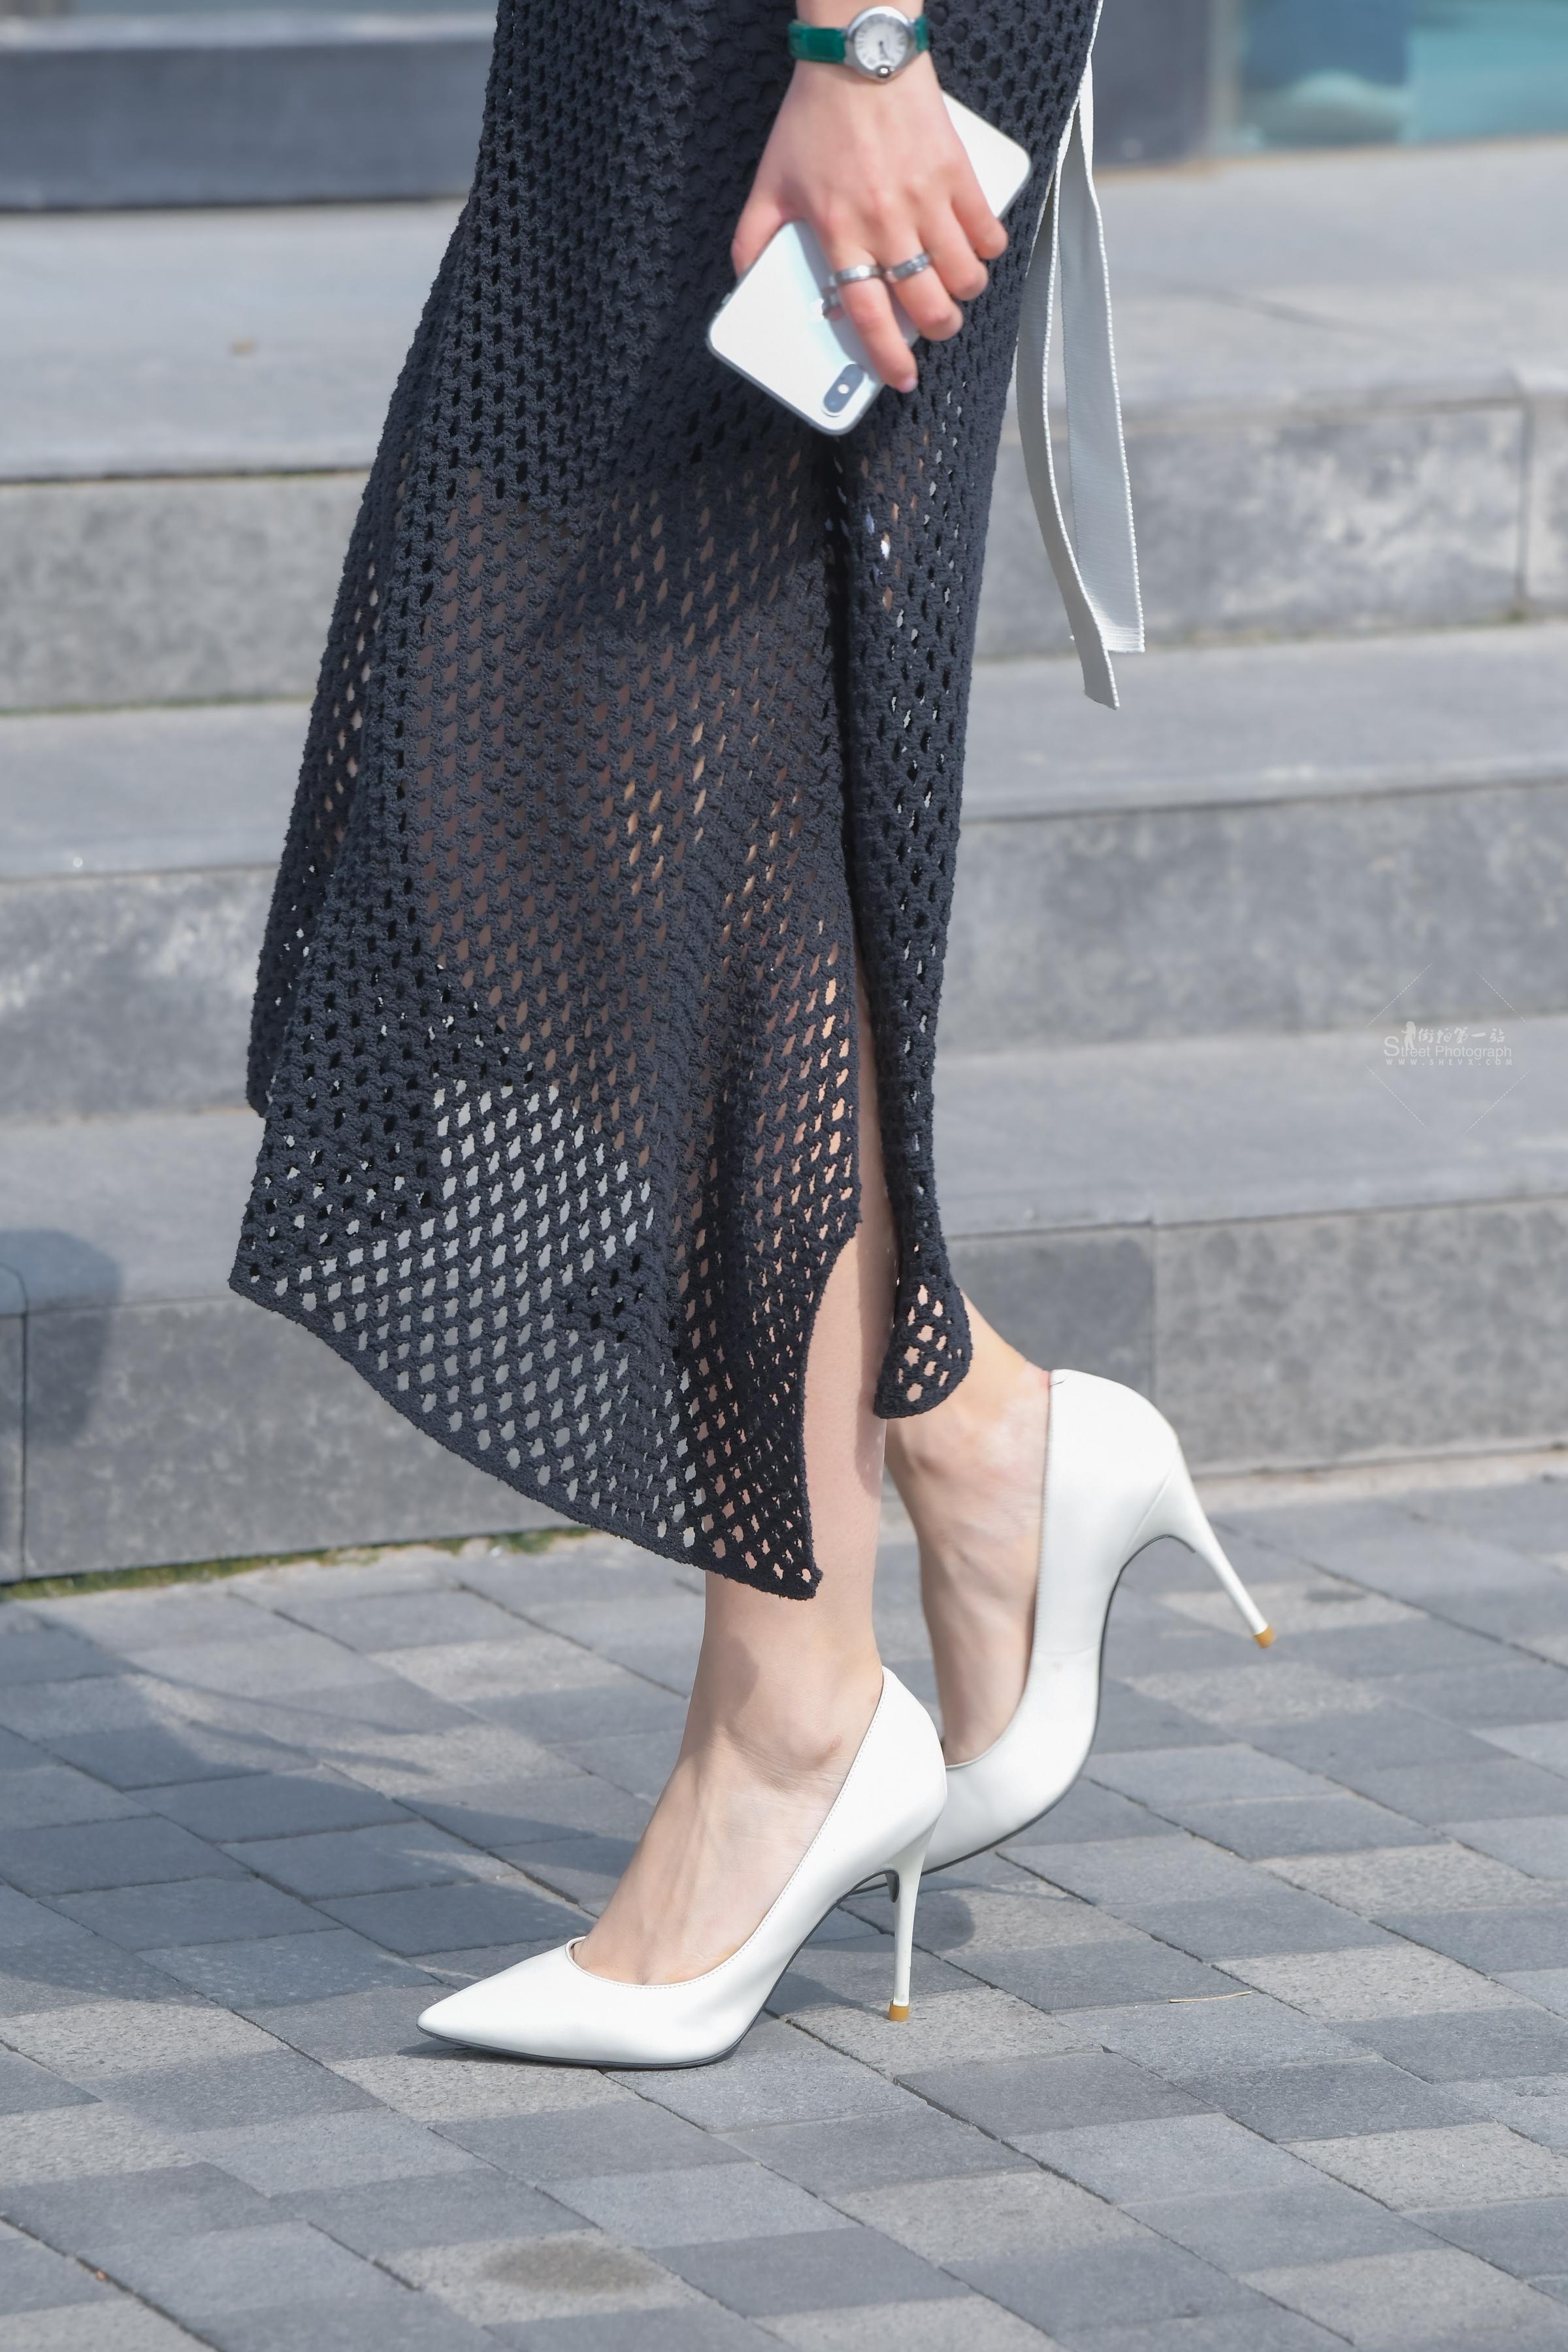 短发气质 美女白王俊凯纽约街拍毛衣牌子色高跟黑裙魅力